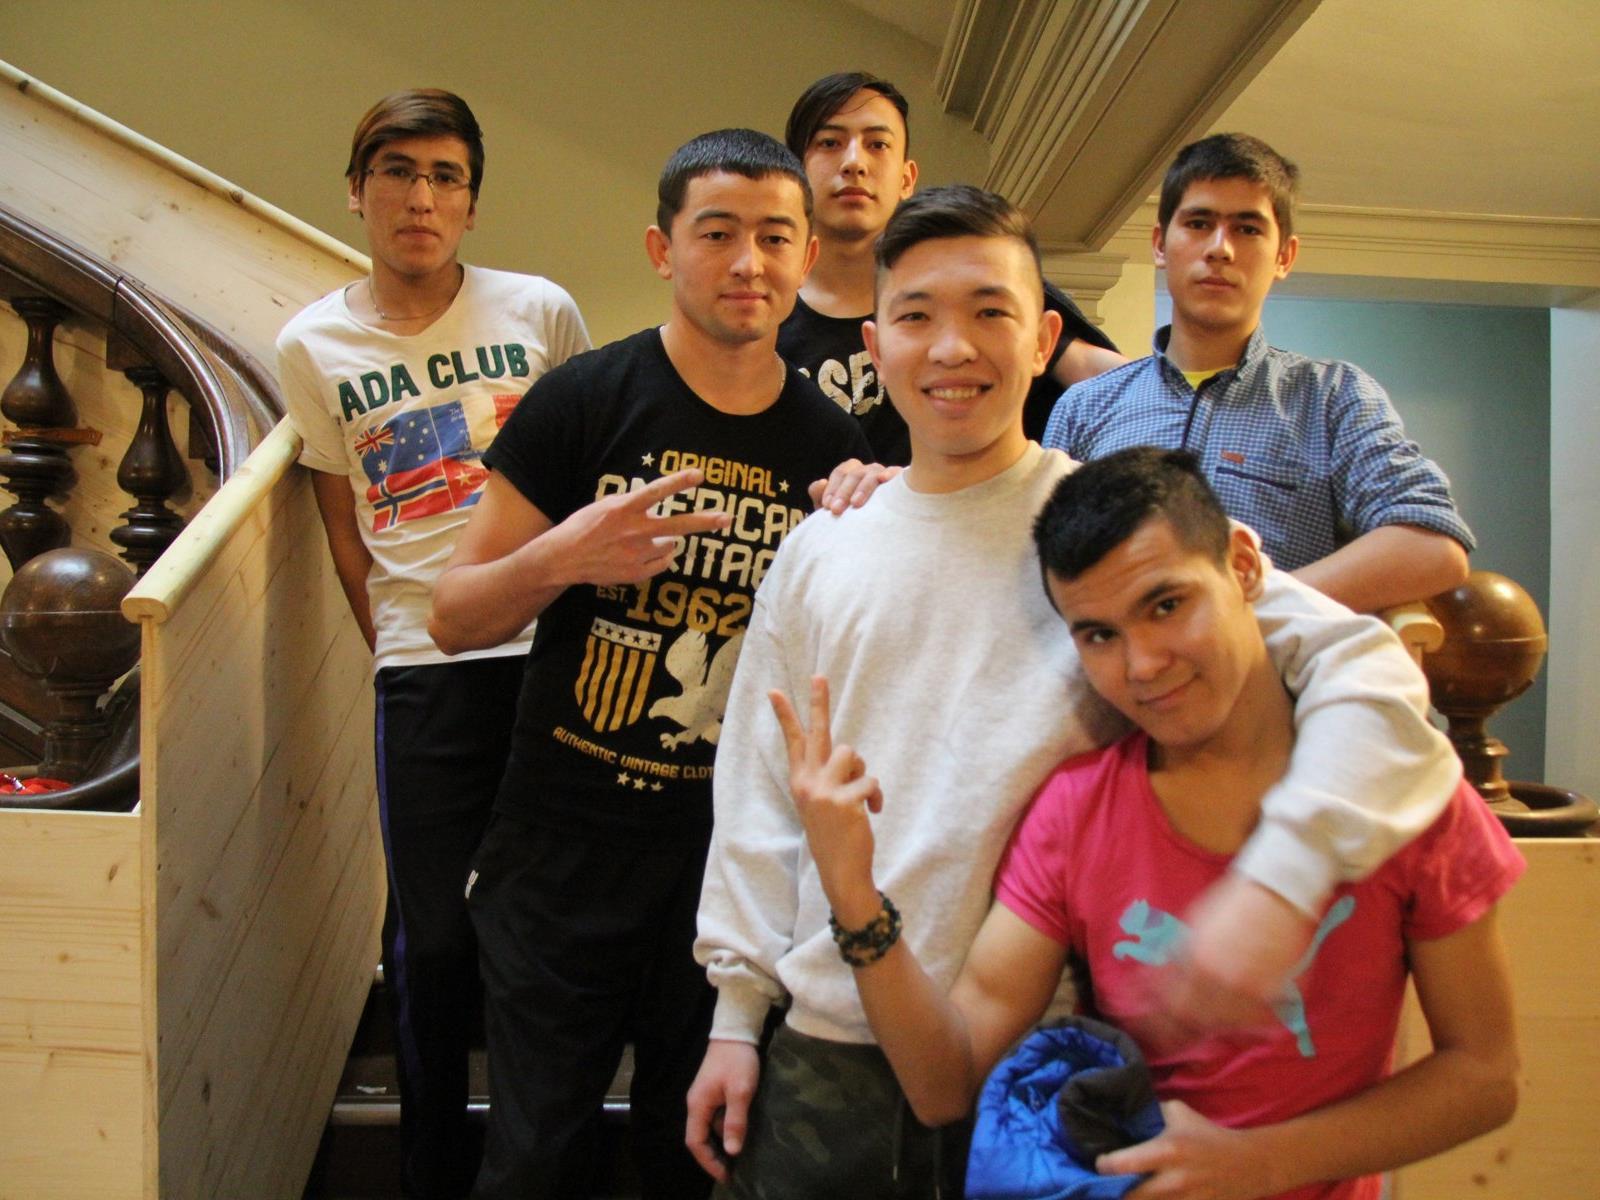 Junge Menschen brauchen Halt und Menschen, auf die sie sich verlassen können. Das Mentorenprogramm der Caritas bietet dies jungen Flüchtlingen.